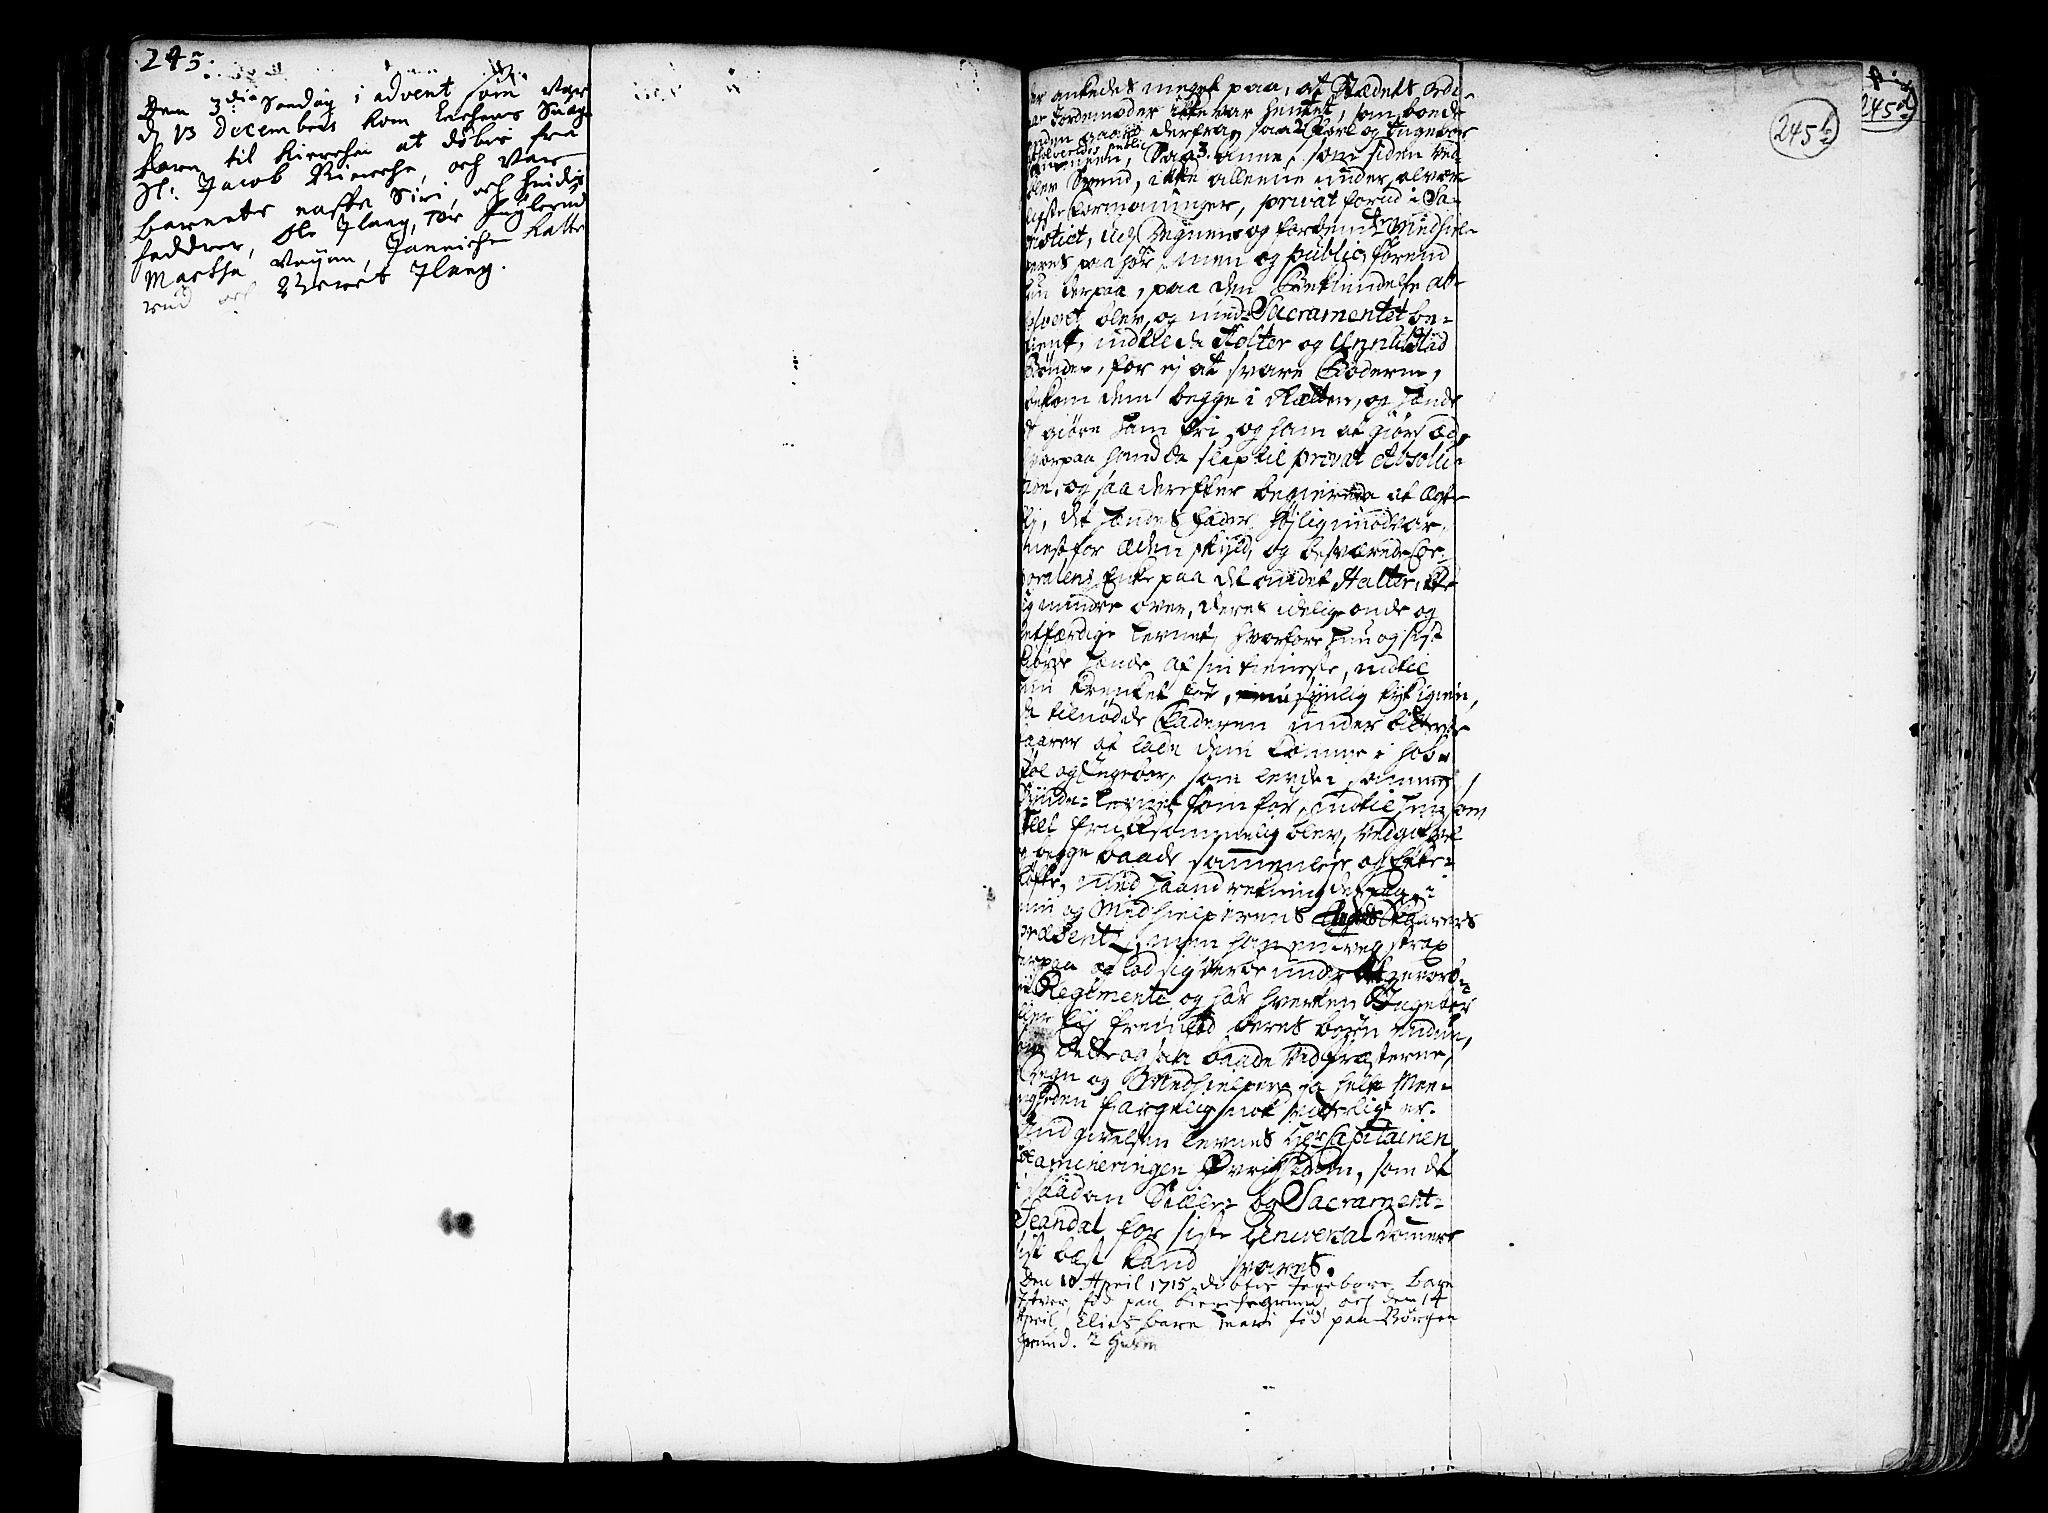 SAO, Nes prestekontor Kirkebøker, F/Fa/L0001: Ministerialbok nr. I 1, 1689-1716, s. 245